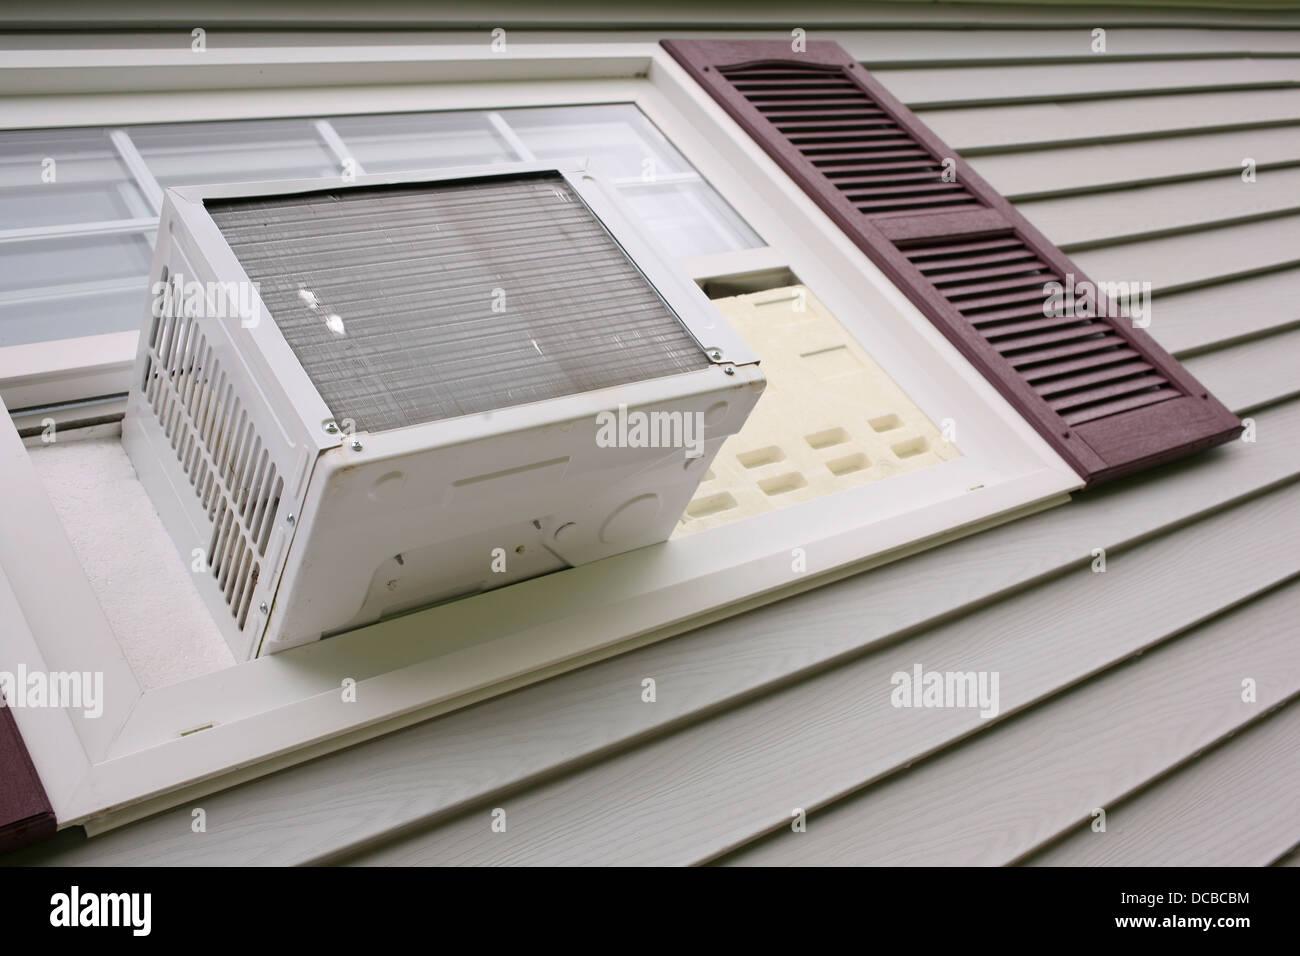 Klimaanlage Im Haus Fenster Mit Grauen Abstellgleis Stockfoto Bild